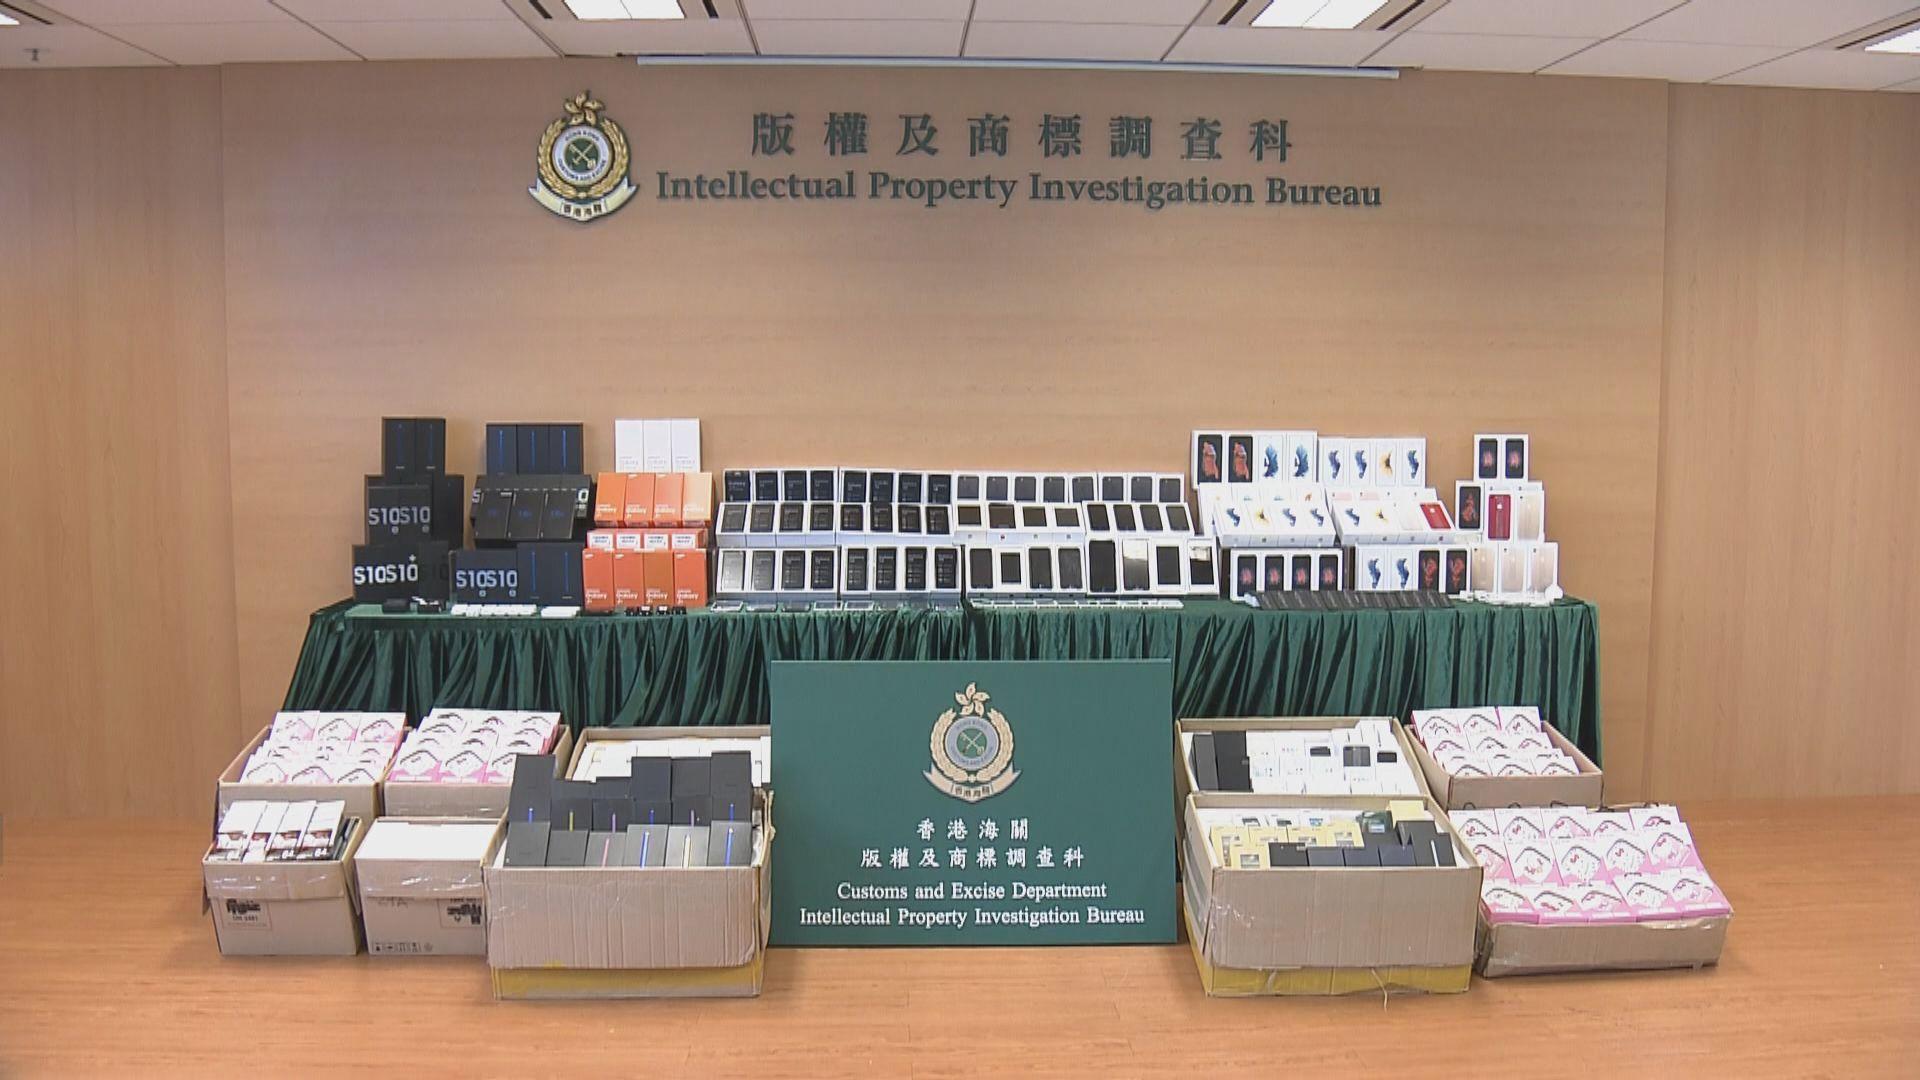 海關檢四千件疑冒牌手機和配件 拘捕一對夫婦